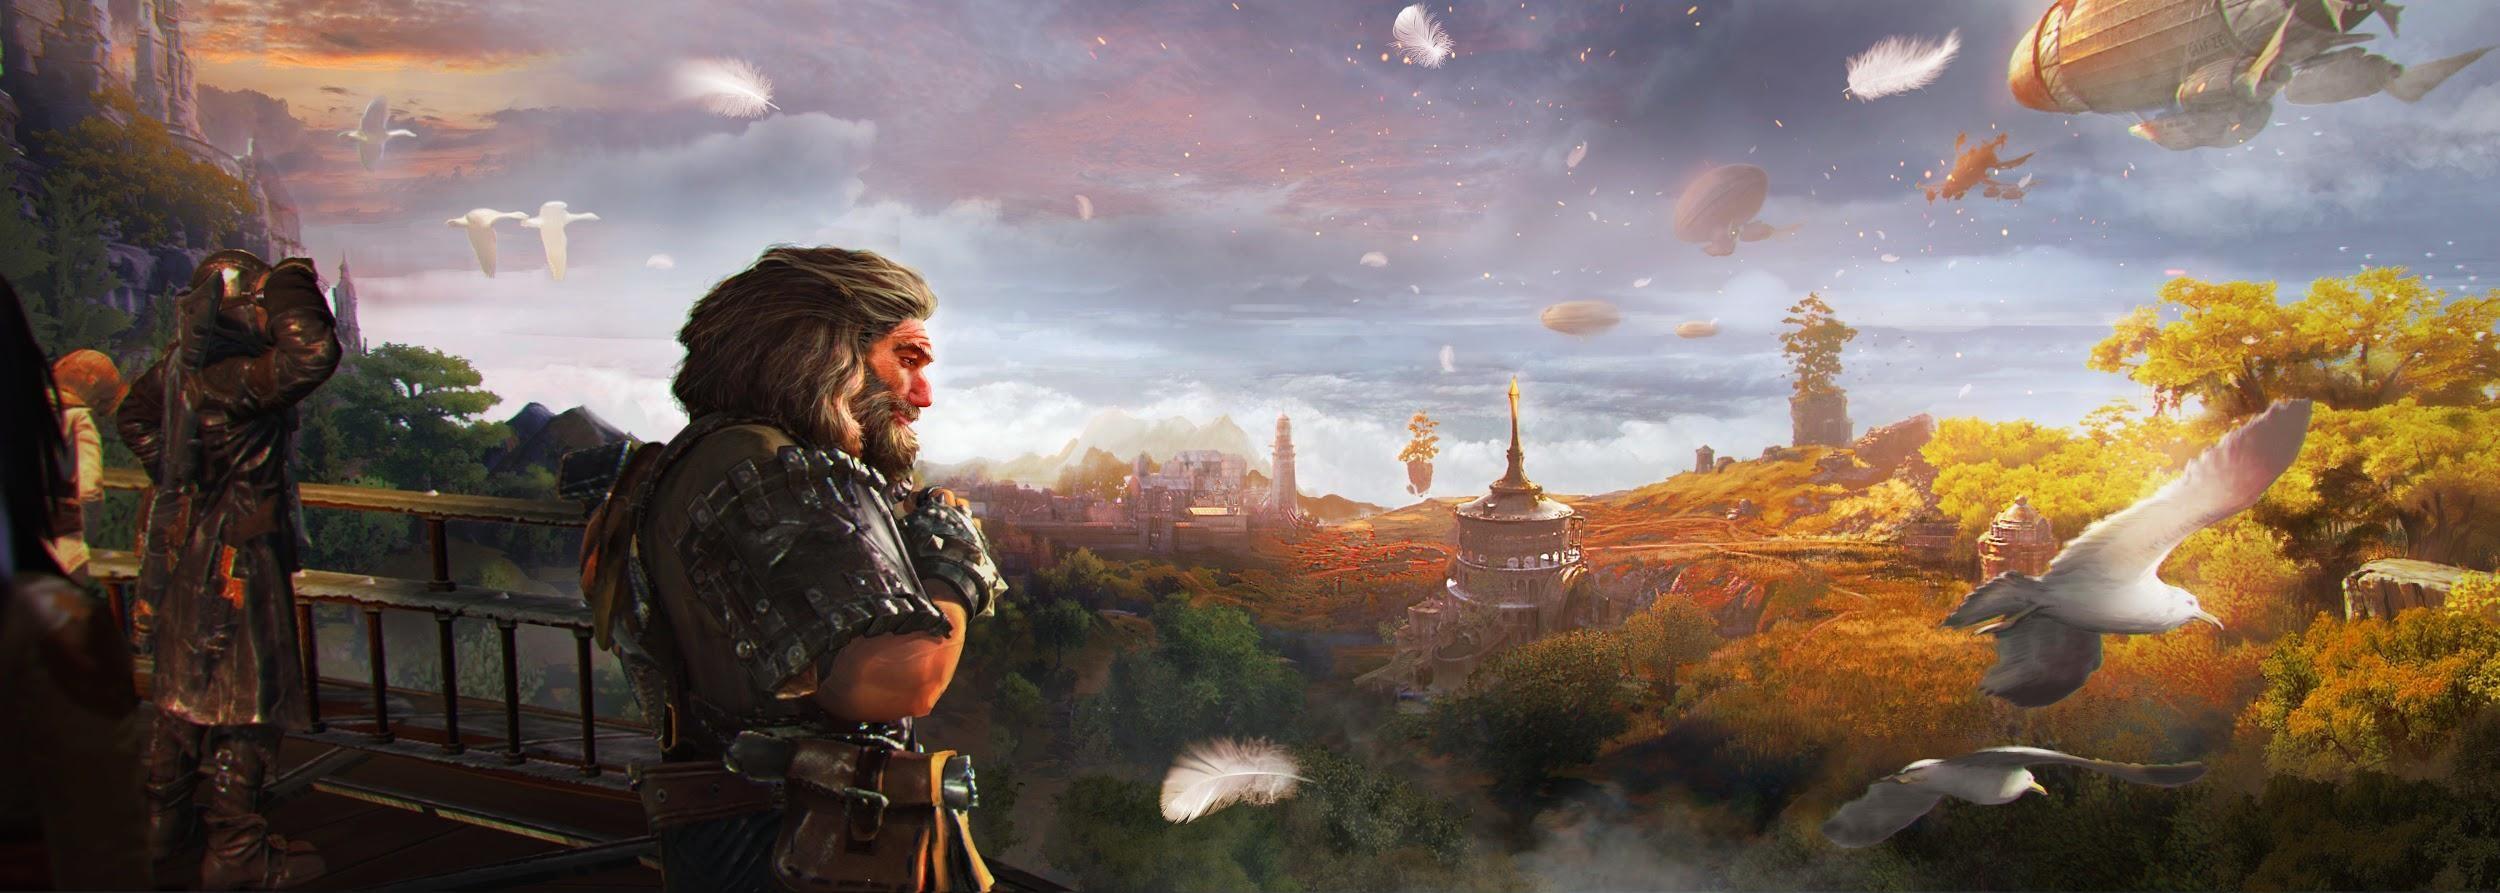 Autoři PUBG chystají novou hru, MMORPG Ascent: Infinite Realm 152517